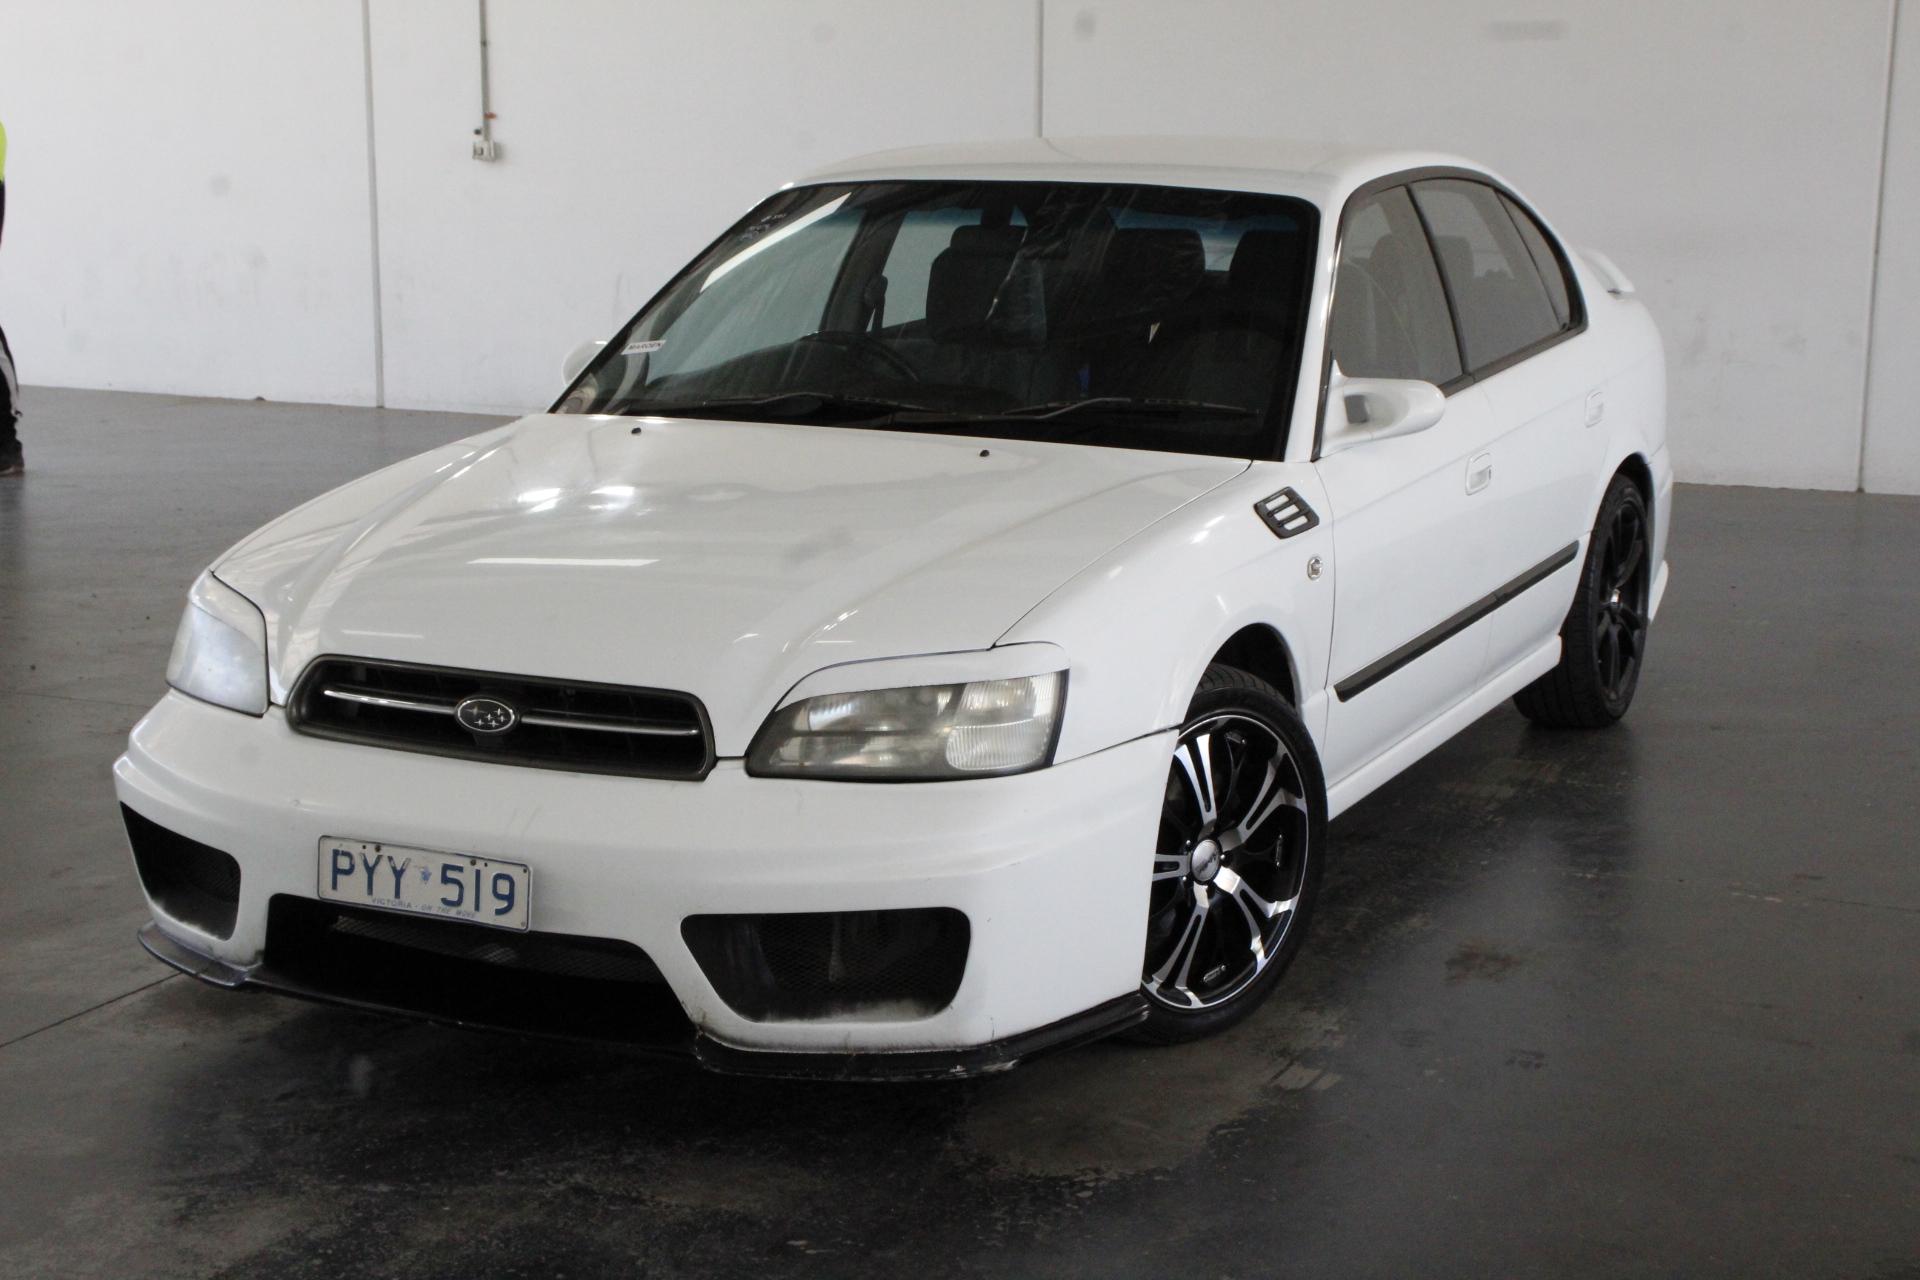 2000 Subaru Liberty RX B3 Manual Sedan